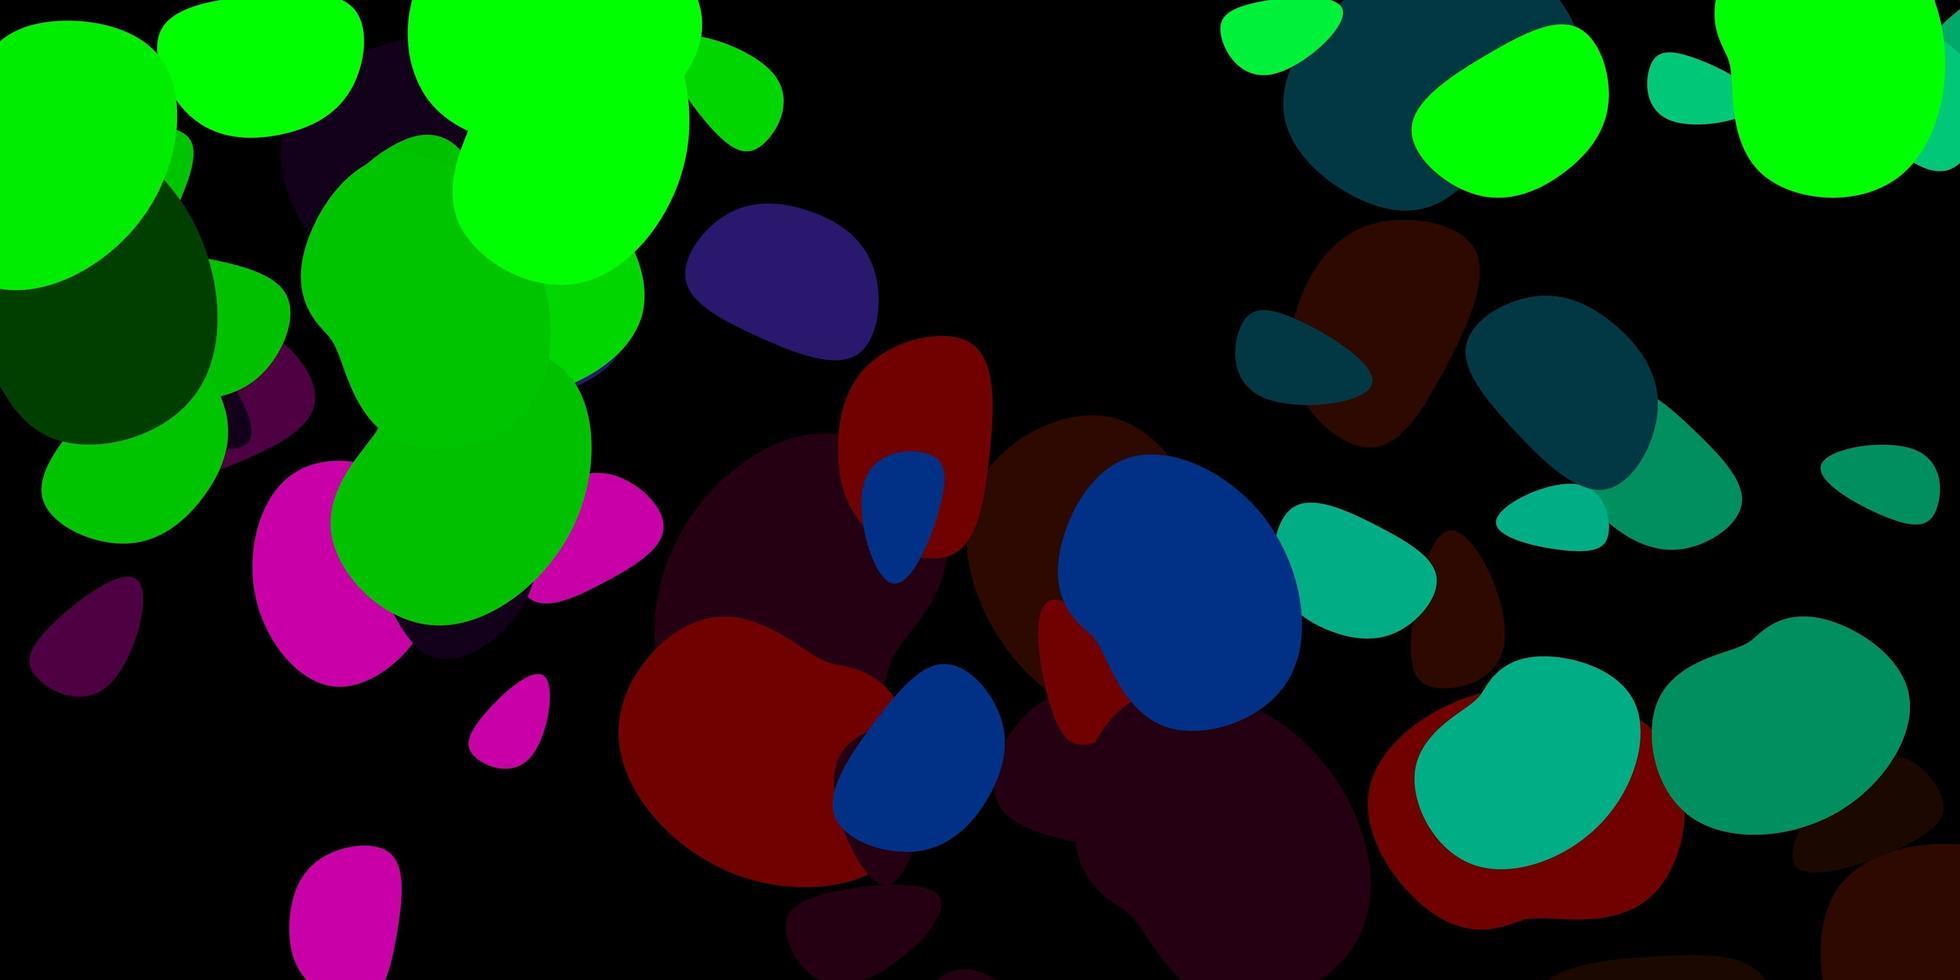 fond de vecteur rose foncé, vert avec des formes aléatoires.